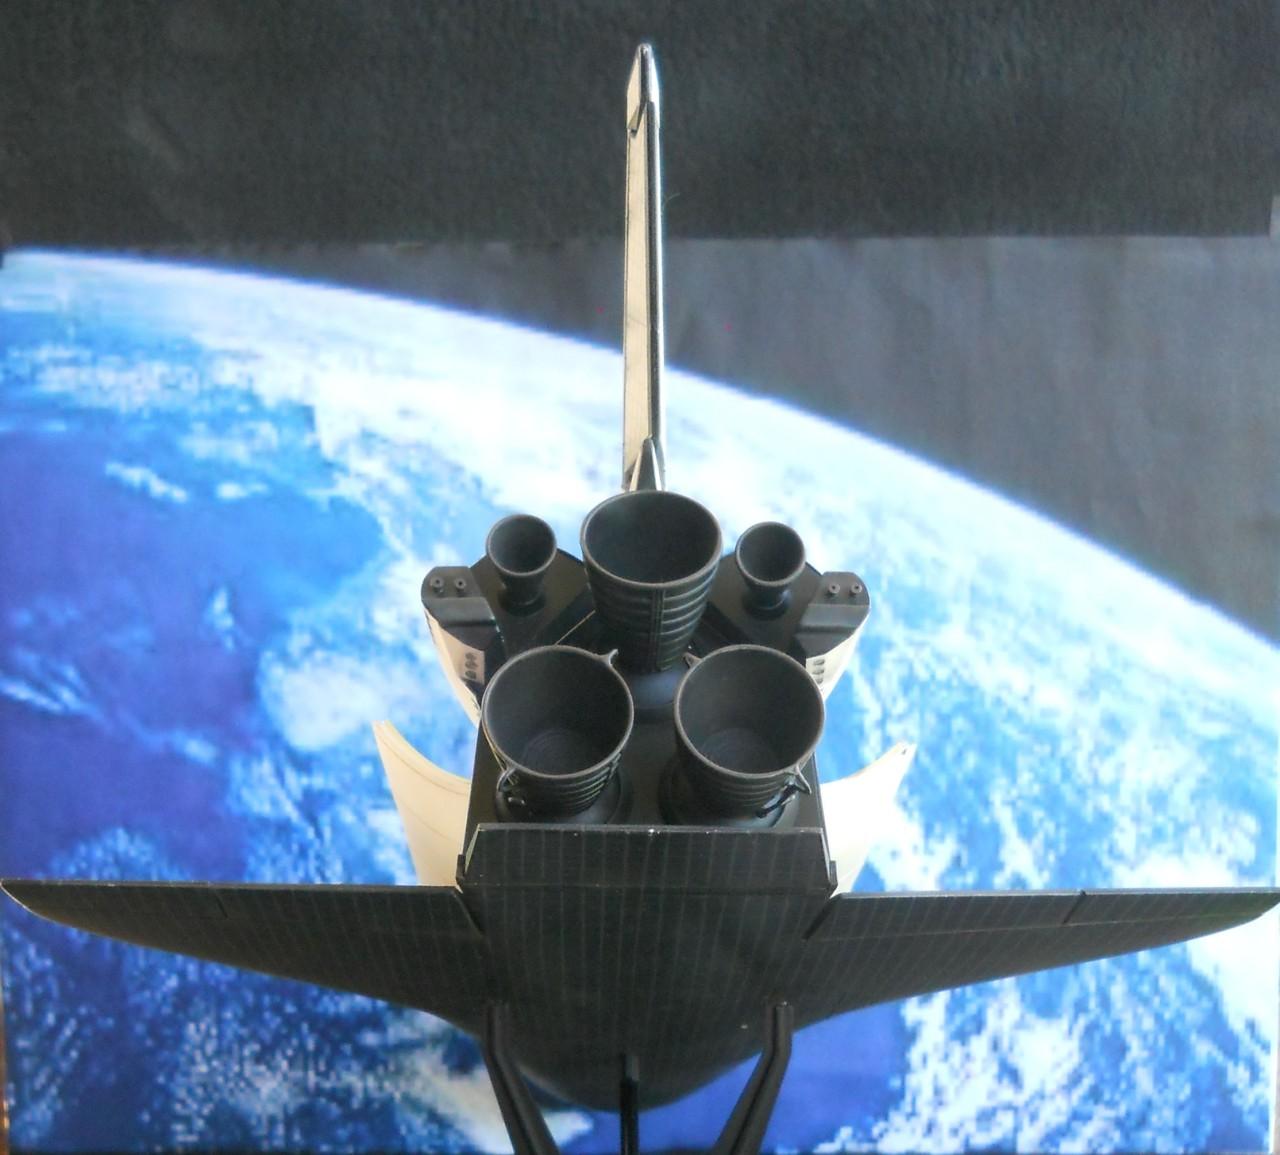 space shuttle velocità - photo #28